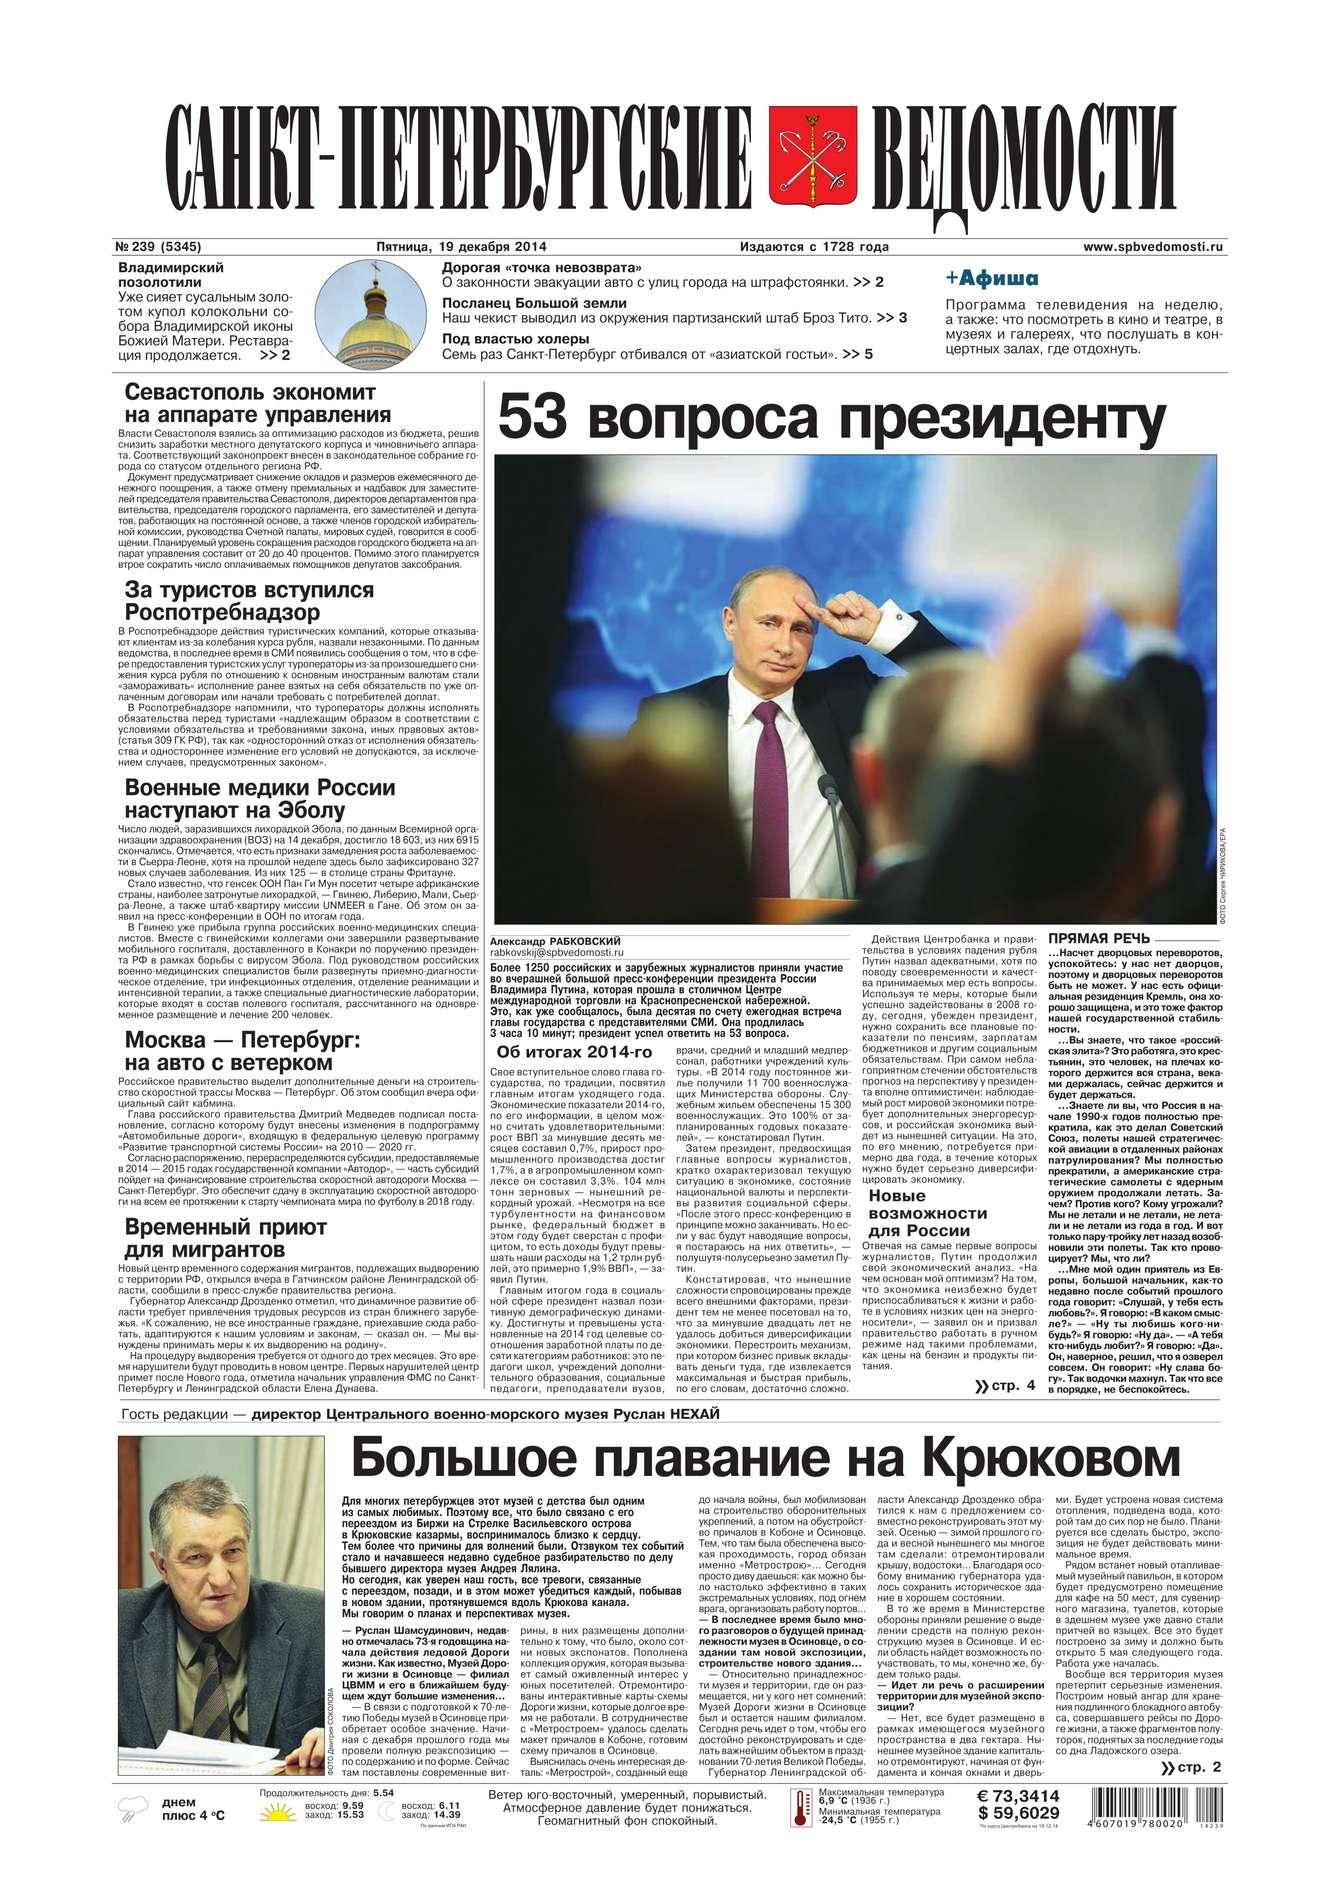 Санкт-Петербургские ведомости 239-2014